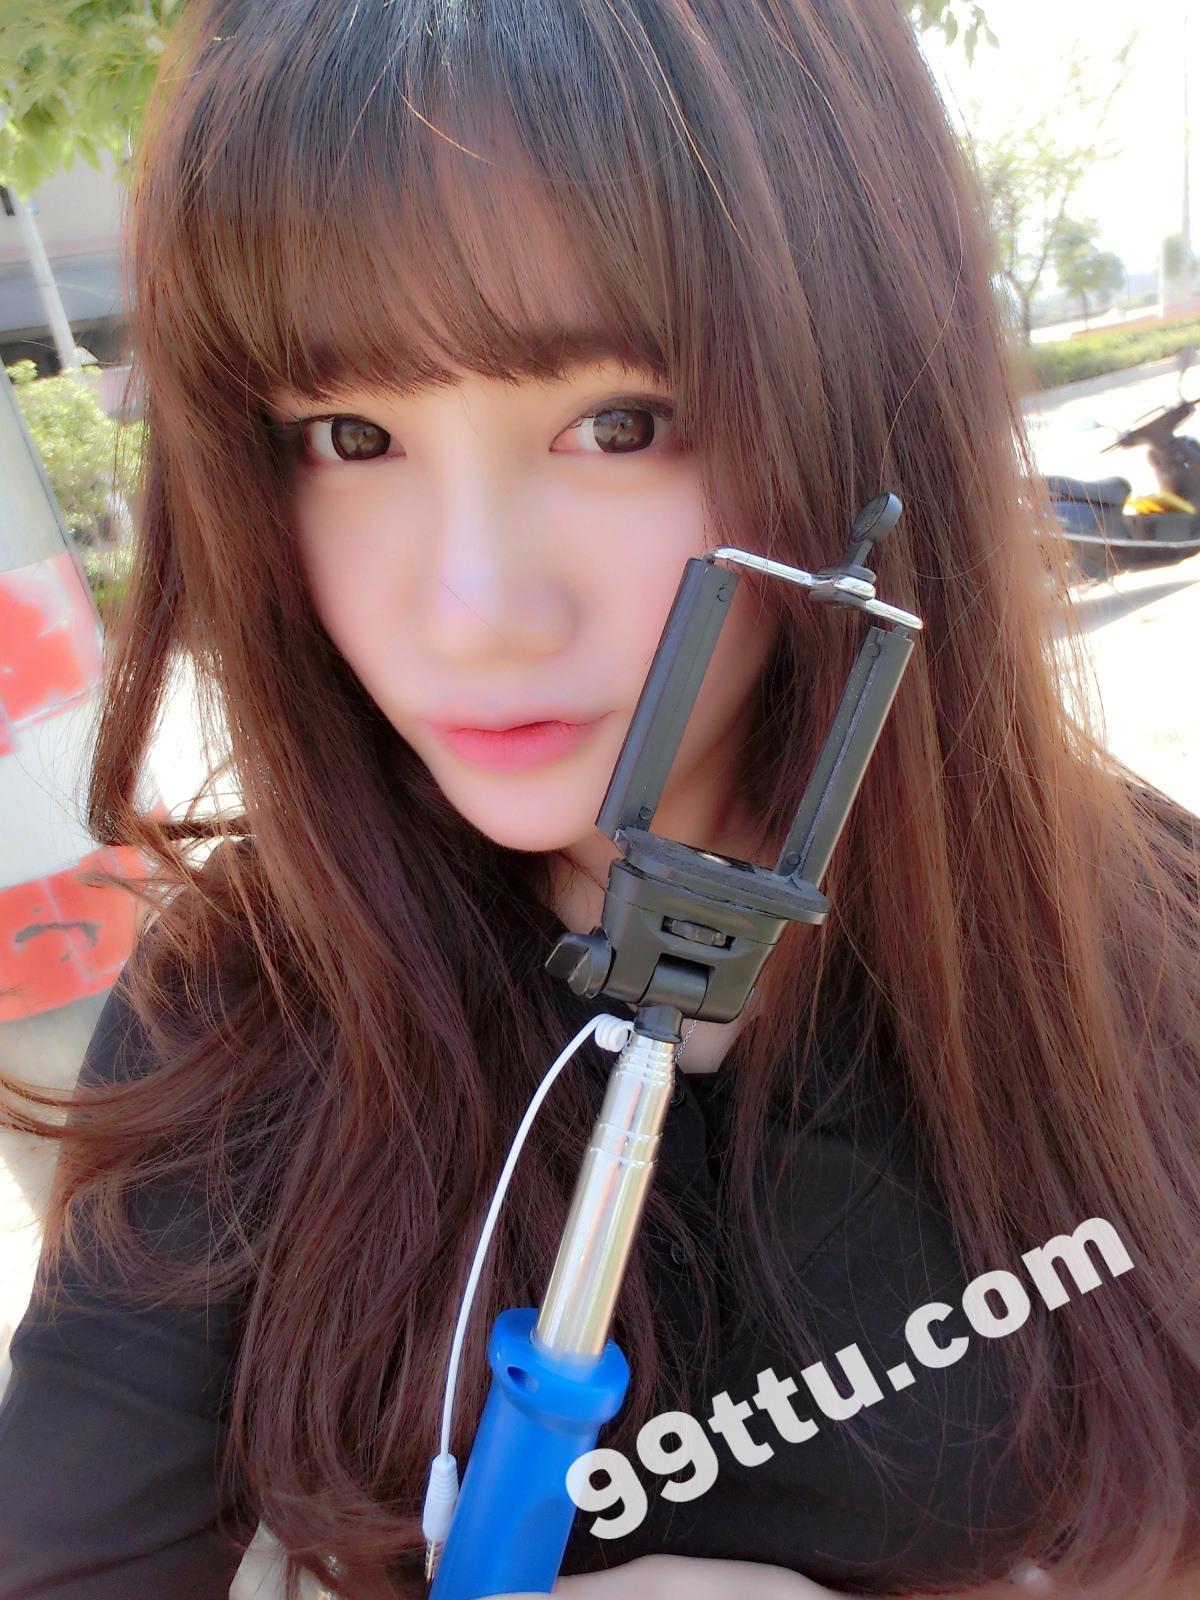 KK68_1464图+6个视频 青春可爱美女无水印高清生活照-8